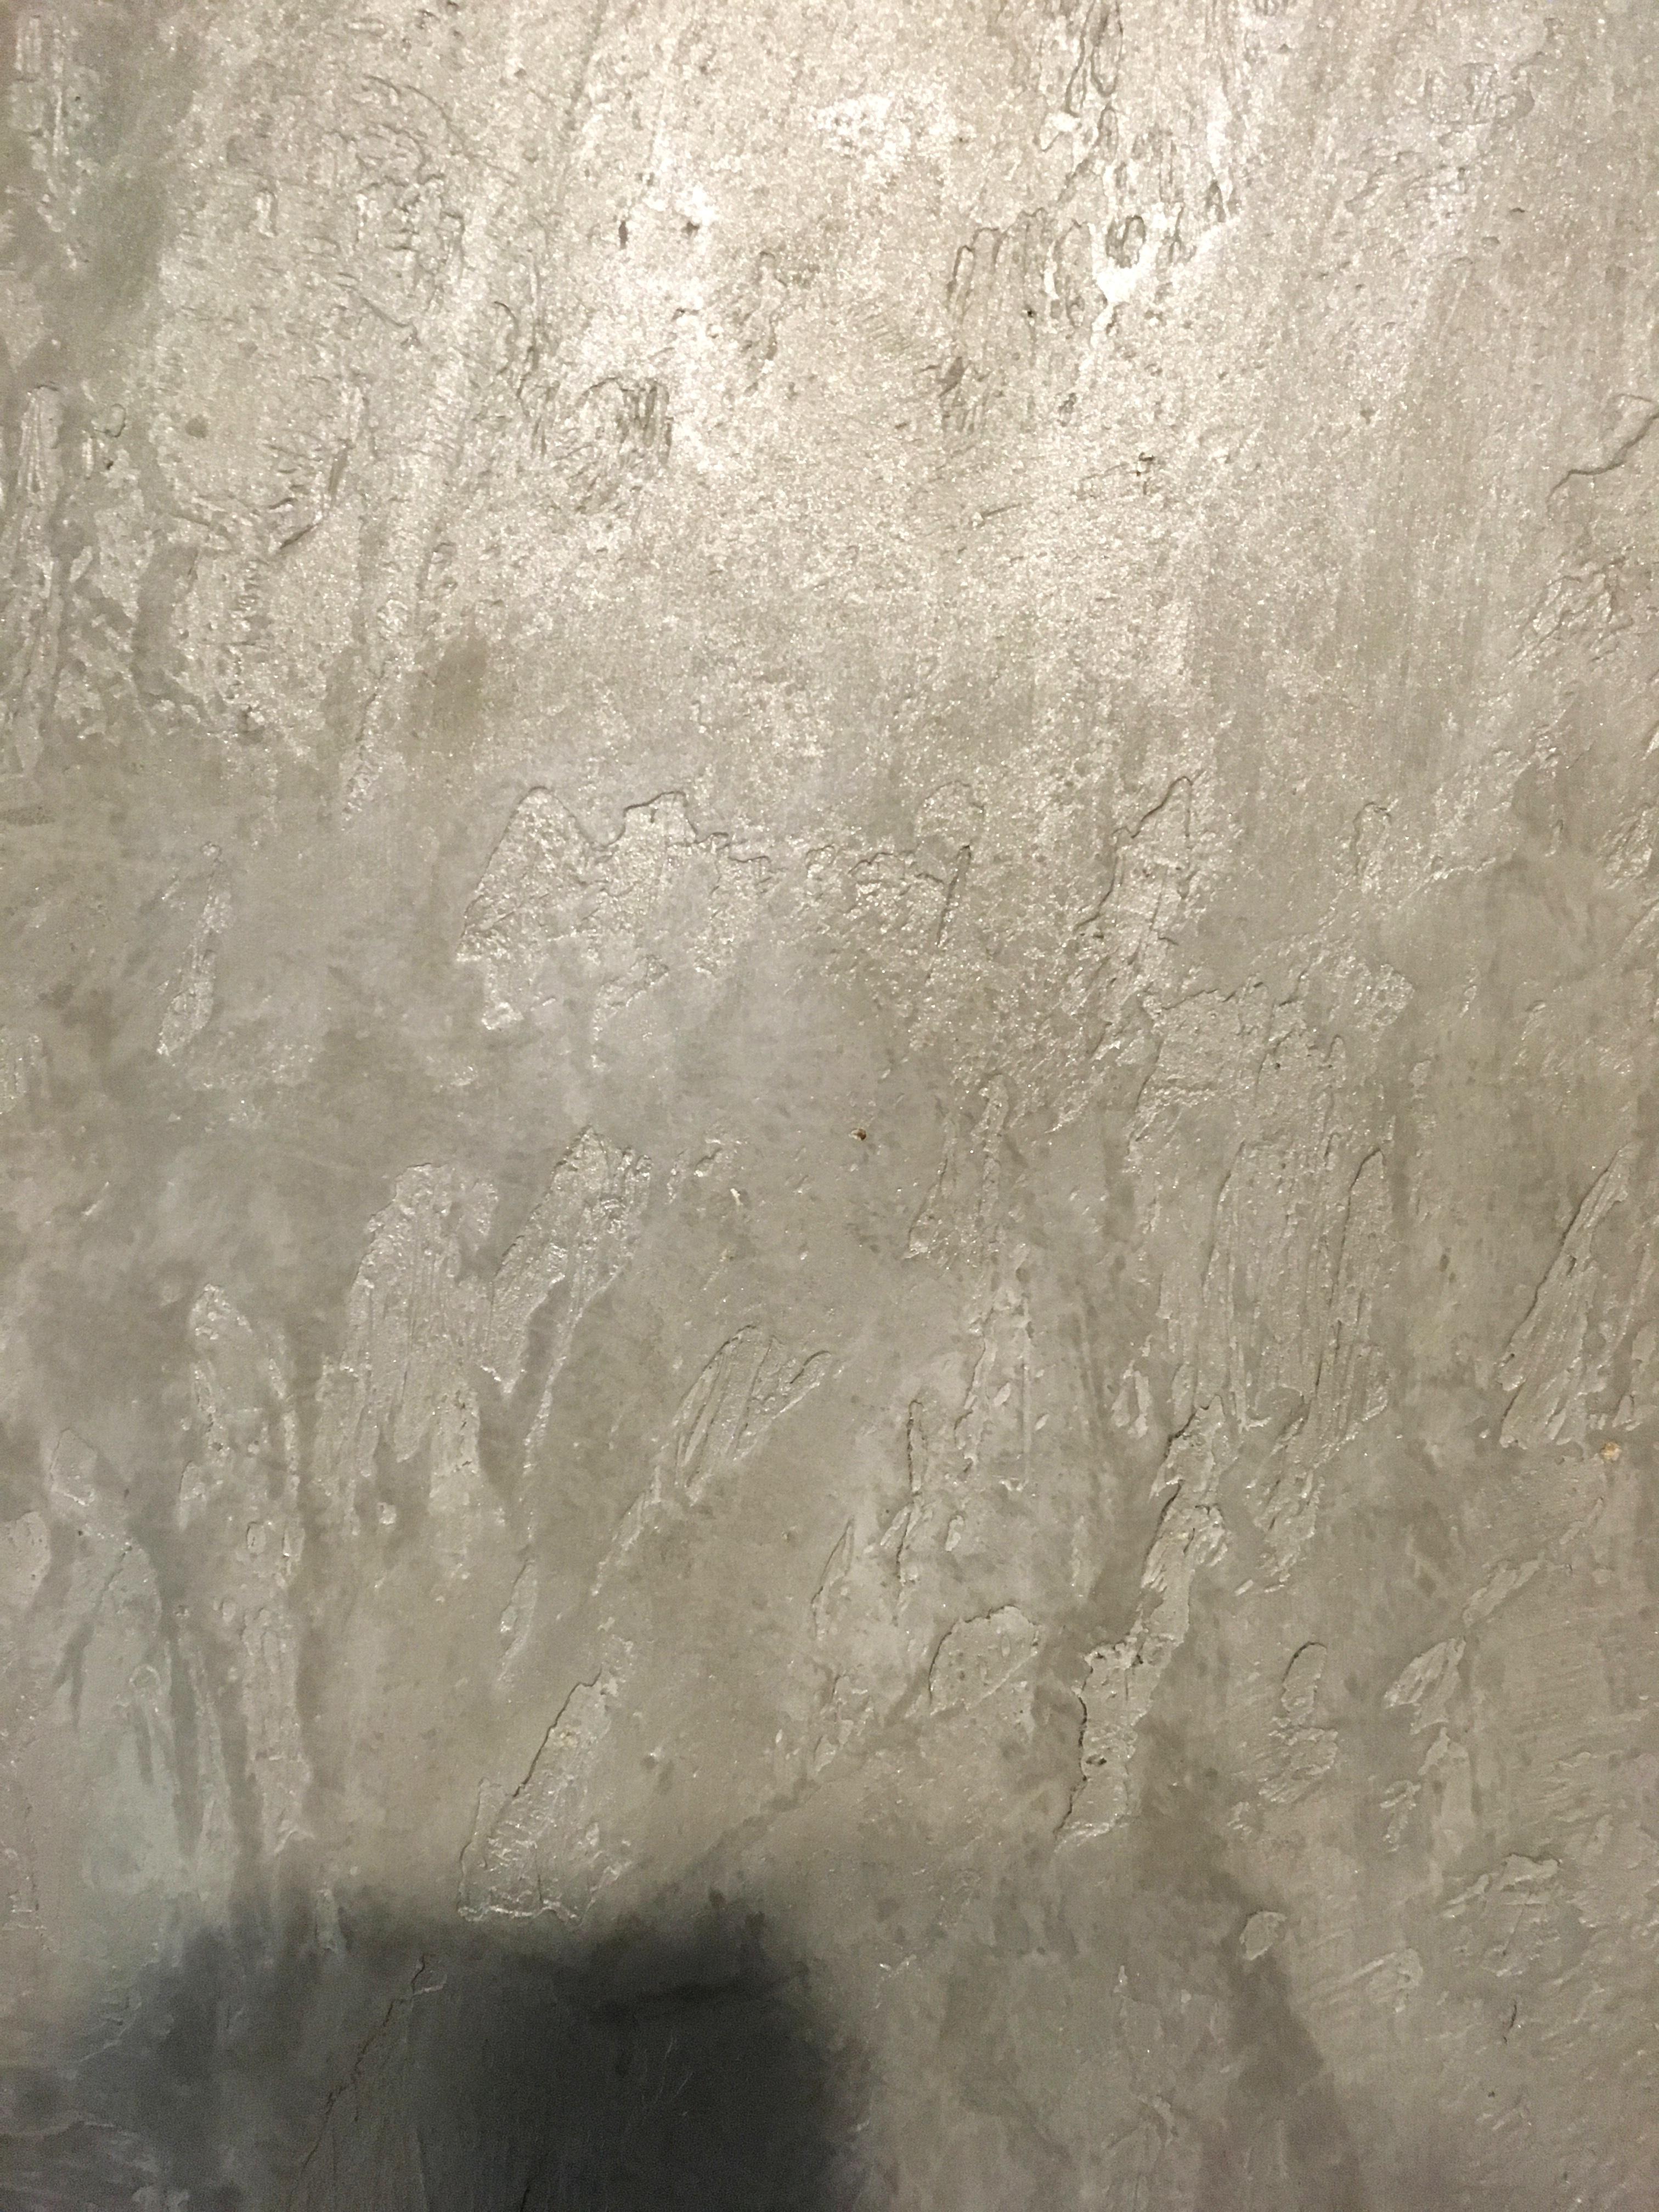 Spachteltechnik Auf Marmorbasis, Gesund, Ökologisch Dekorativ Malermeister  Torgau, Loßwig, Leipzig, Dresden, Herzberg, Oschatz Kreative Wandgestaltung  ...